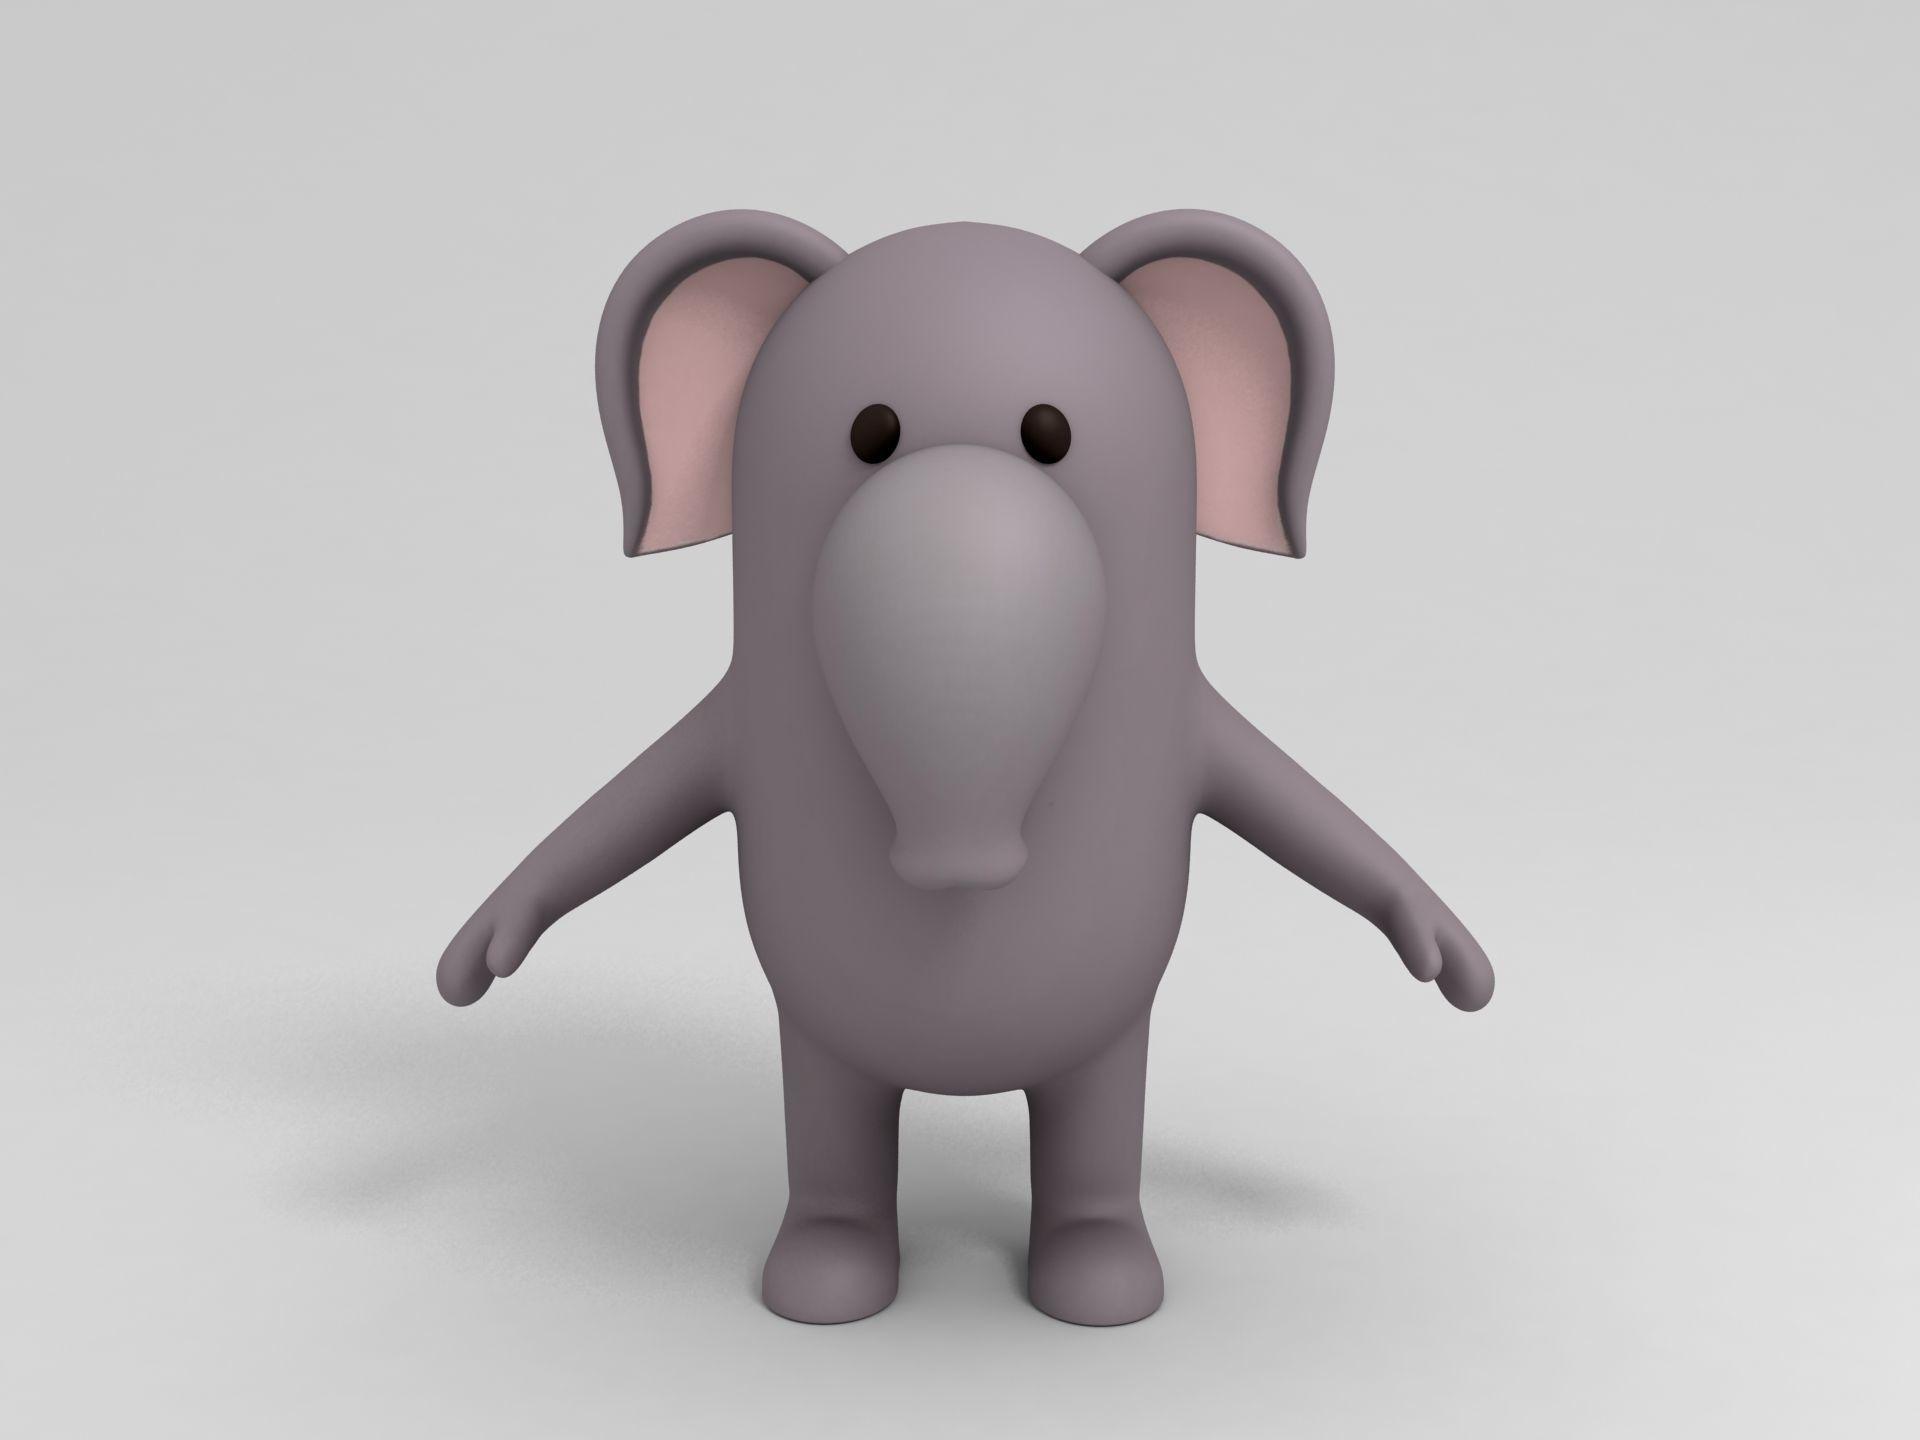 cartoon-elephant-3d-model-max-obj-fbx.jpg